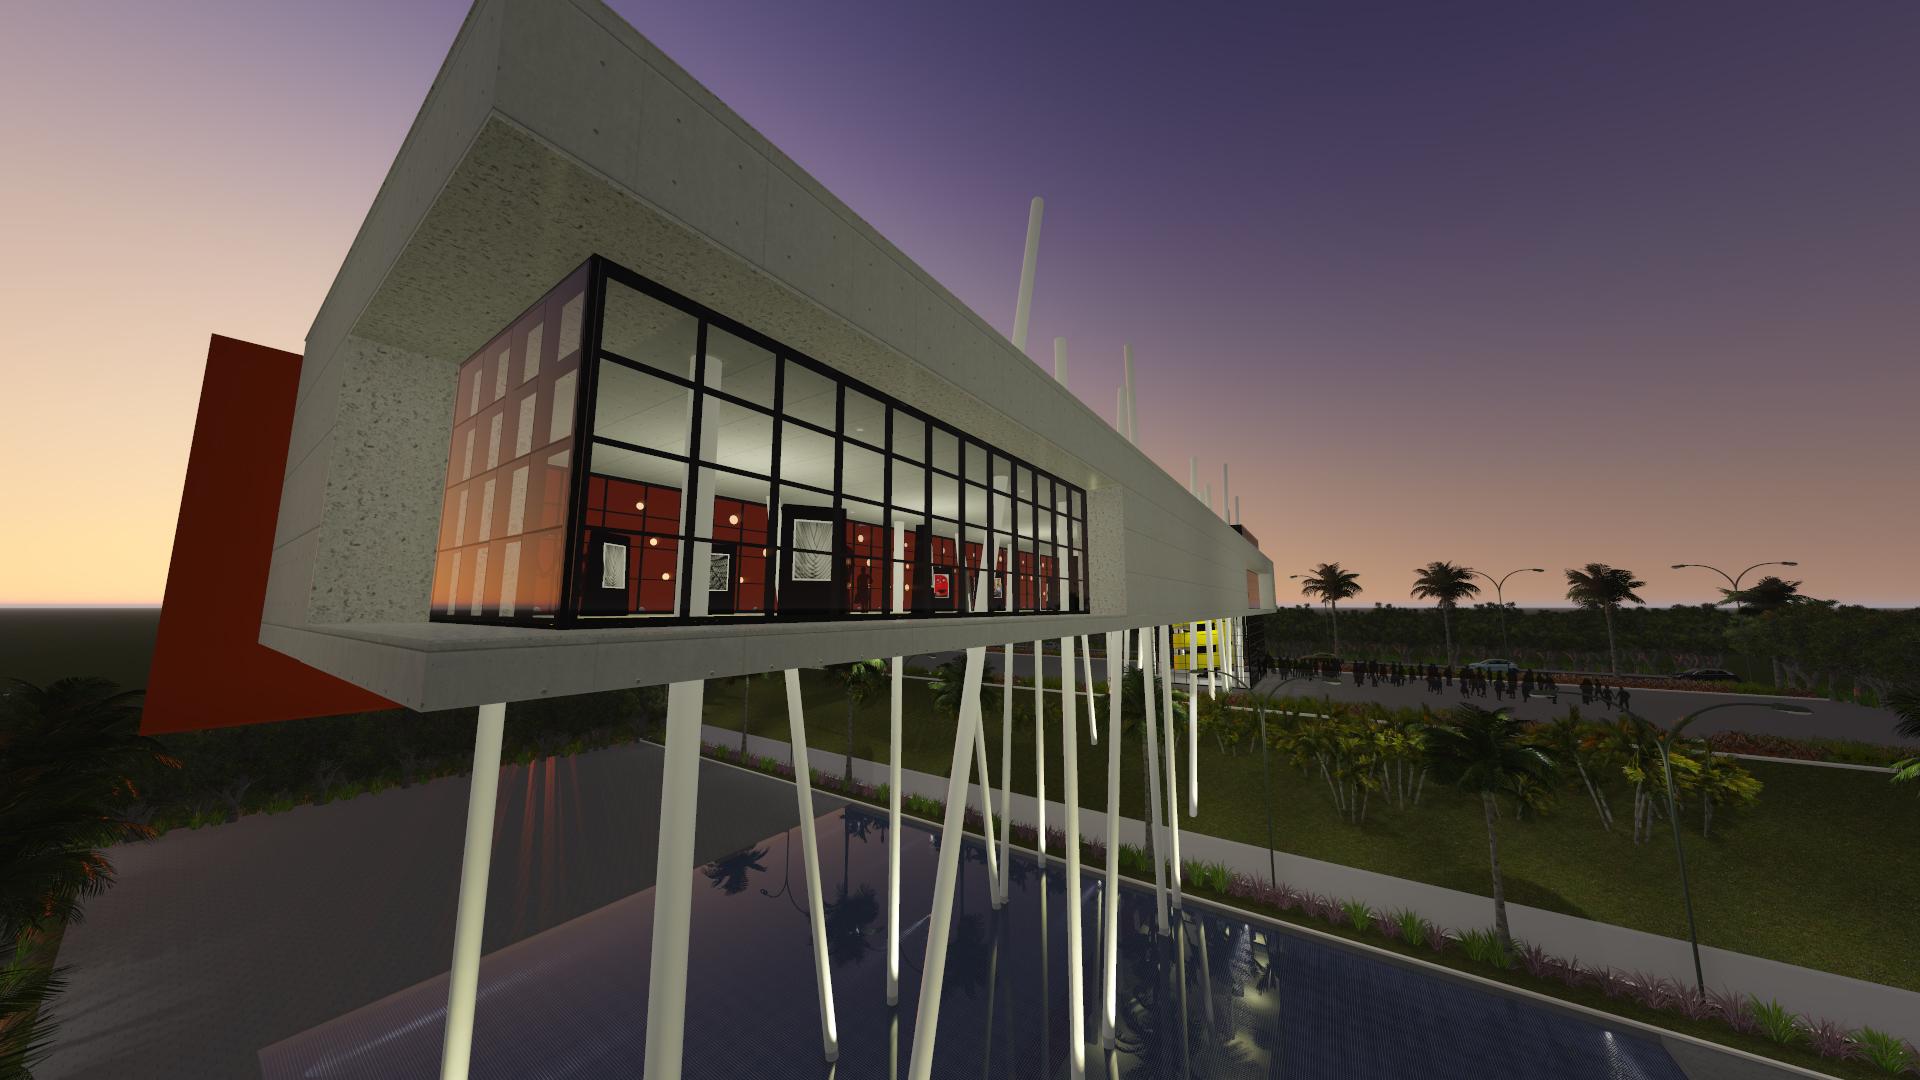 projeto-arquitetonico-museumacaiba-duo-arquitetura-05.jpg